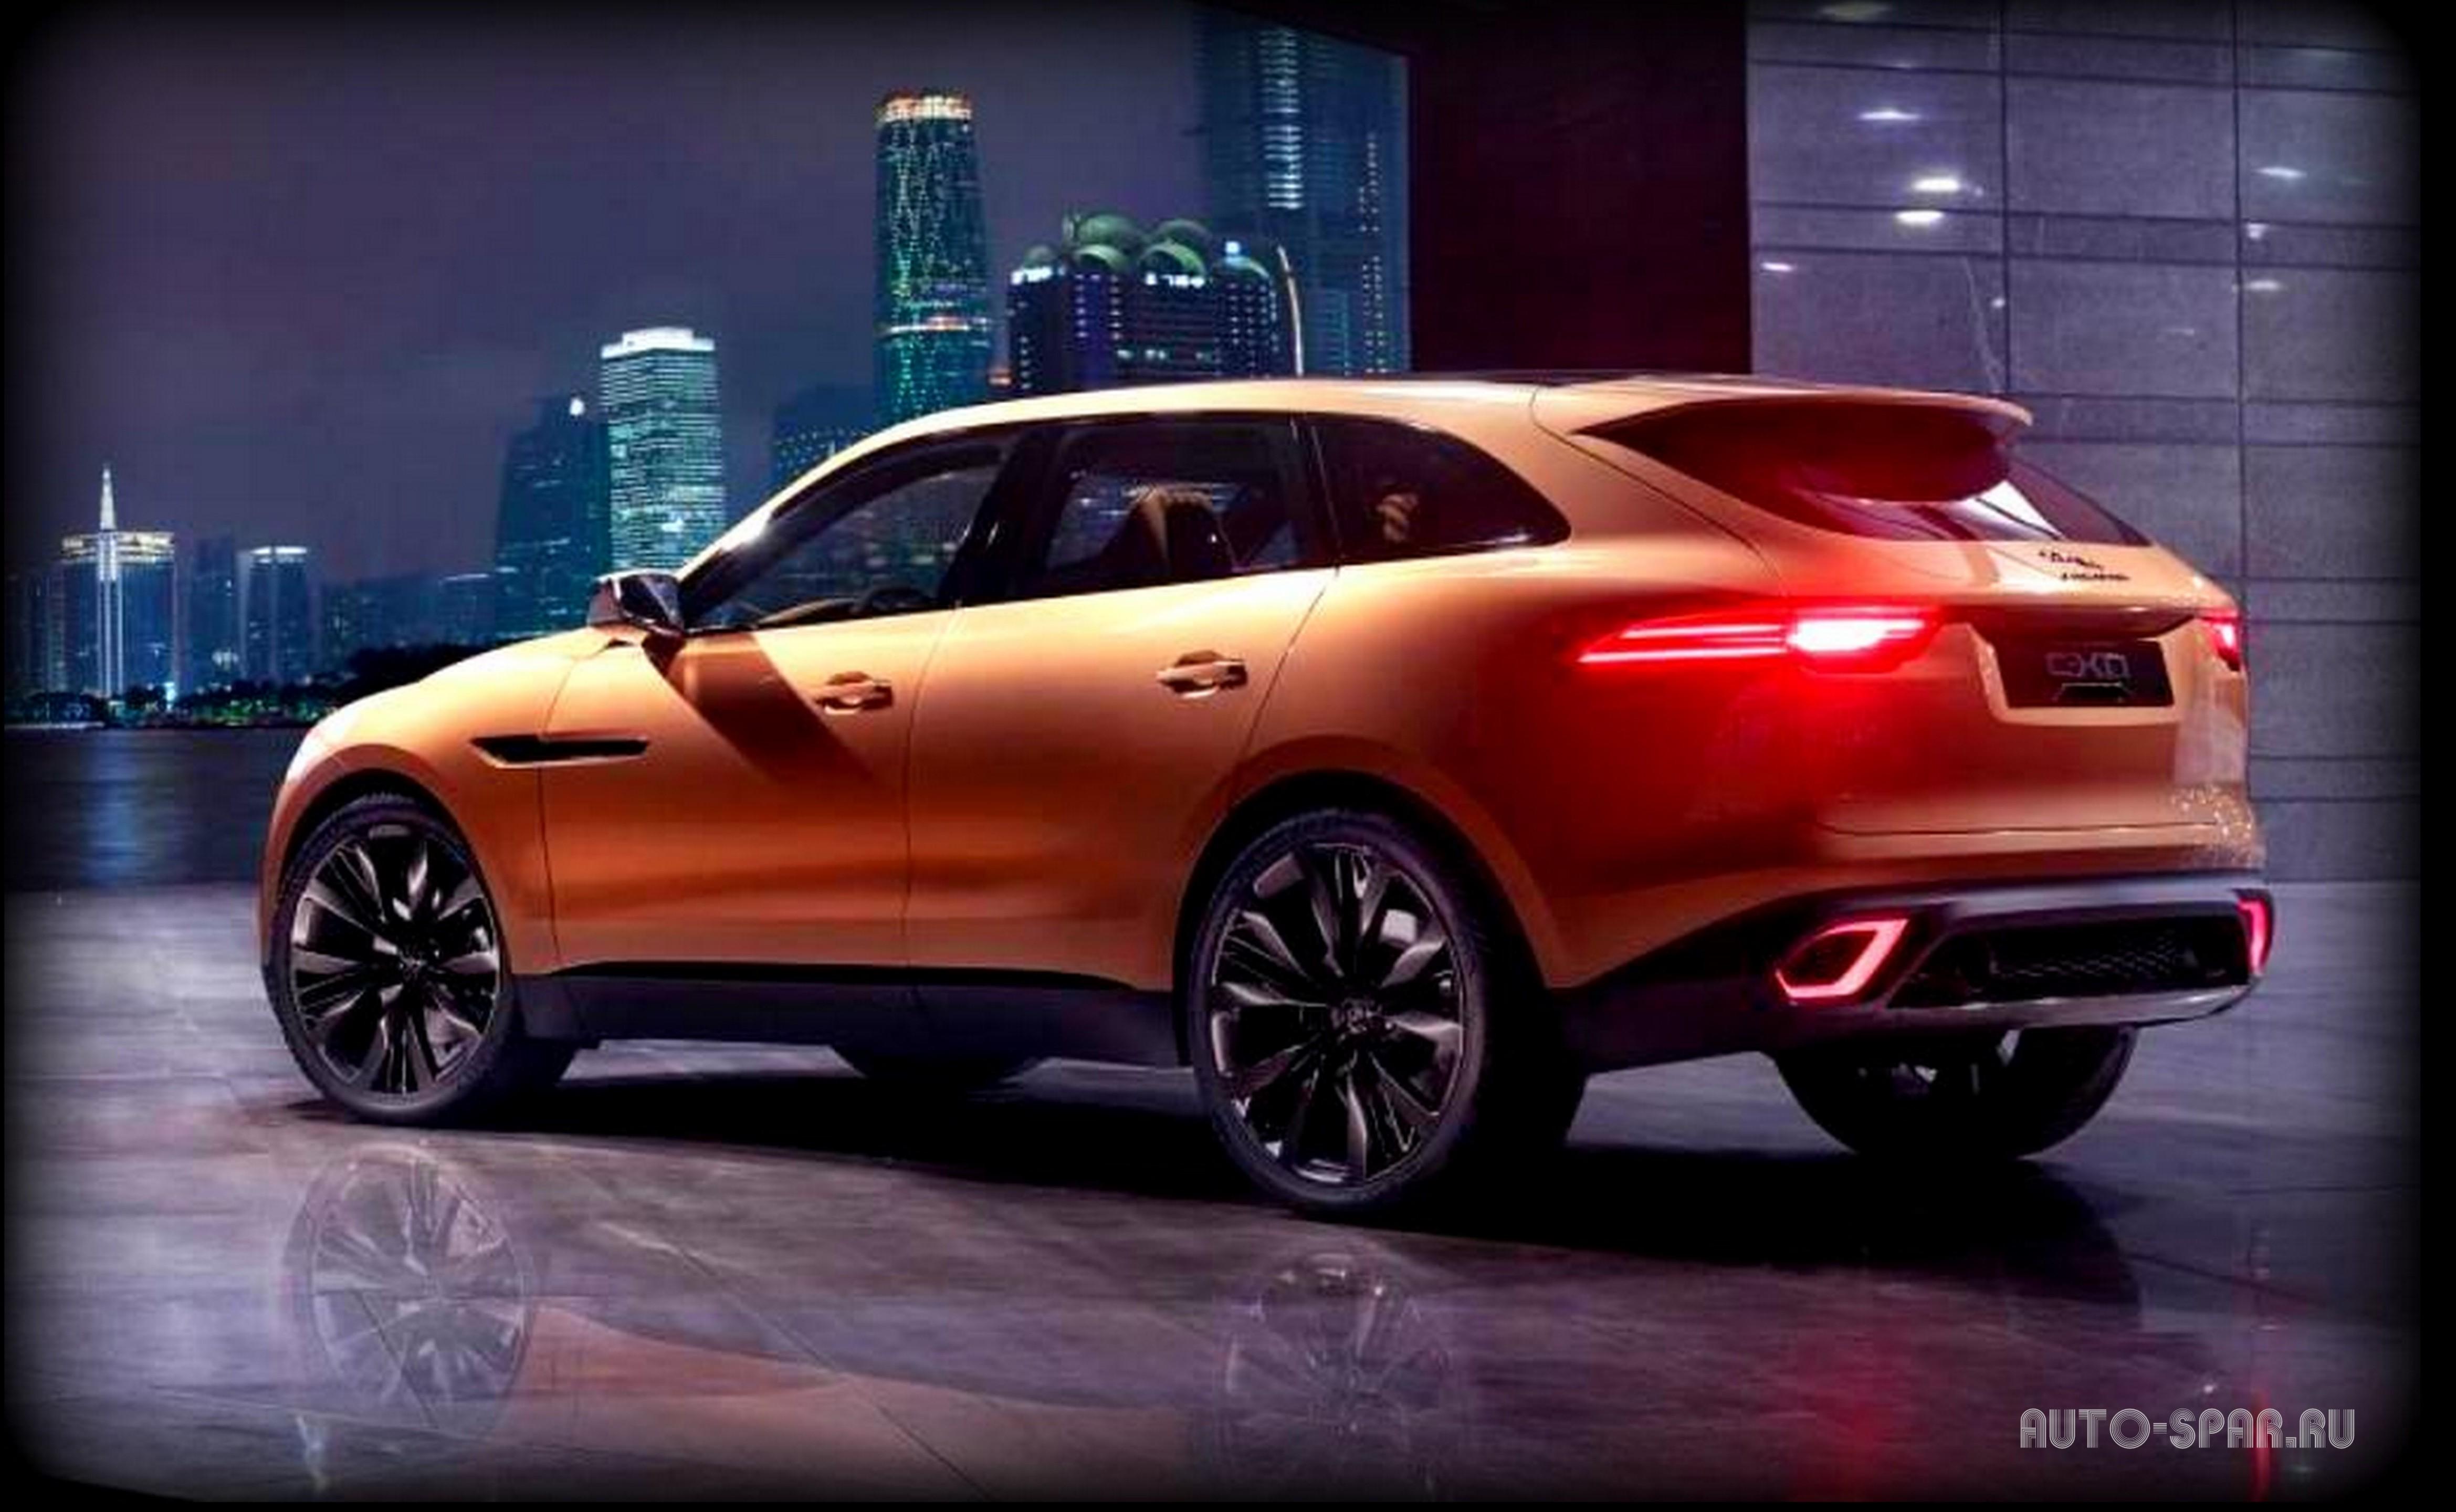 C 2016 года в продажу поступит Jaguar F-PACE - самый инновационный авто из Европы.